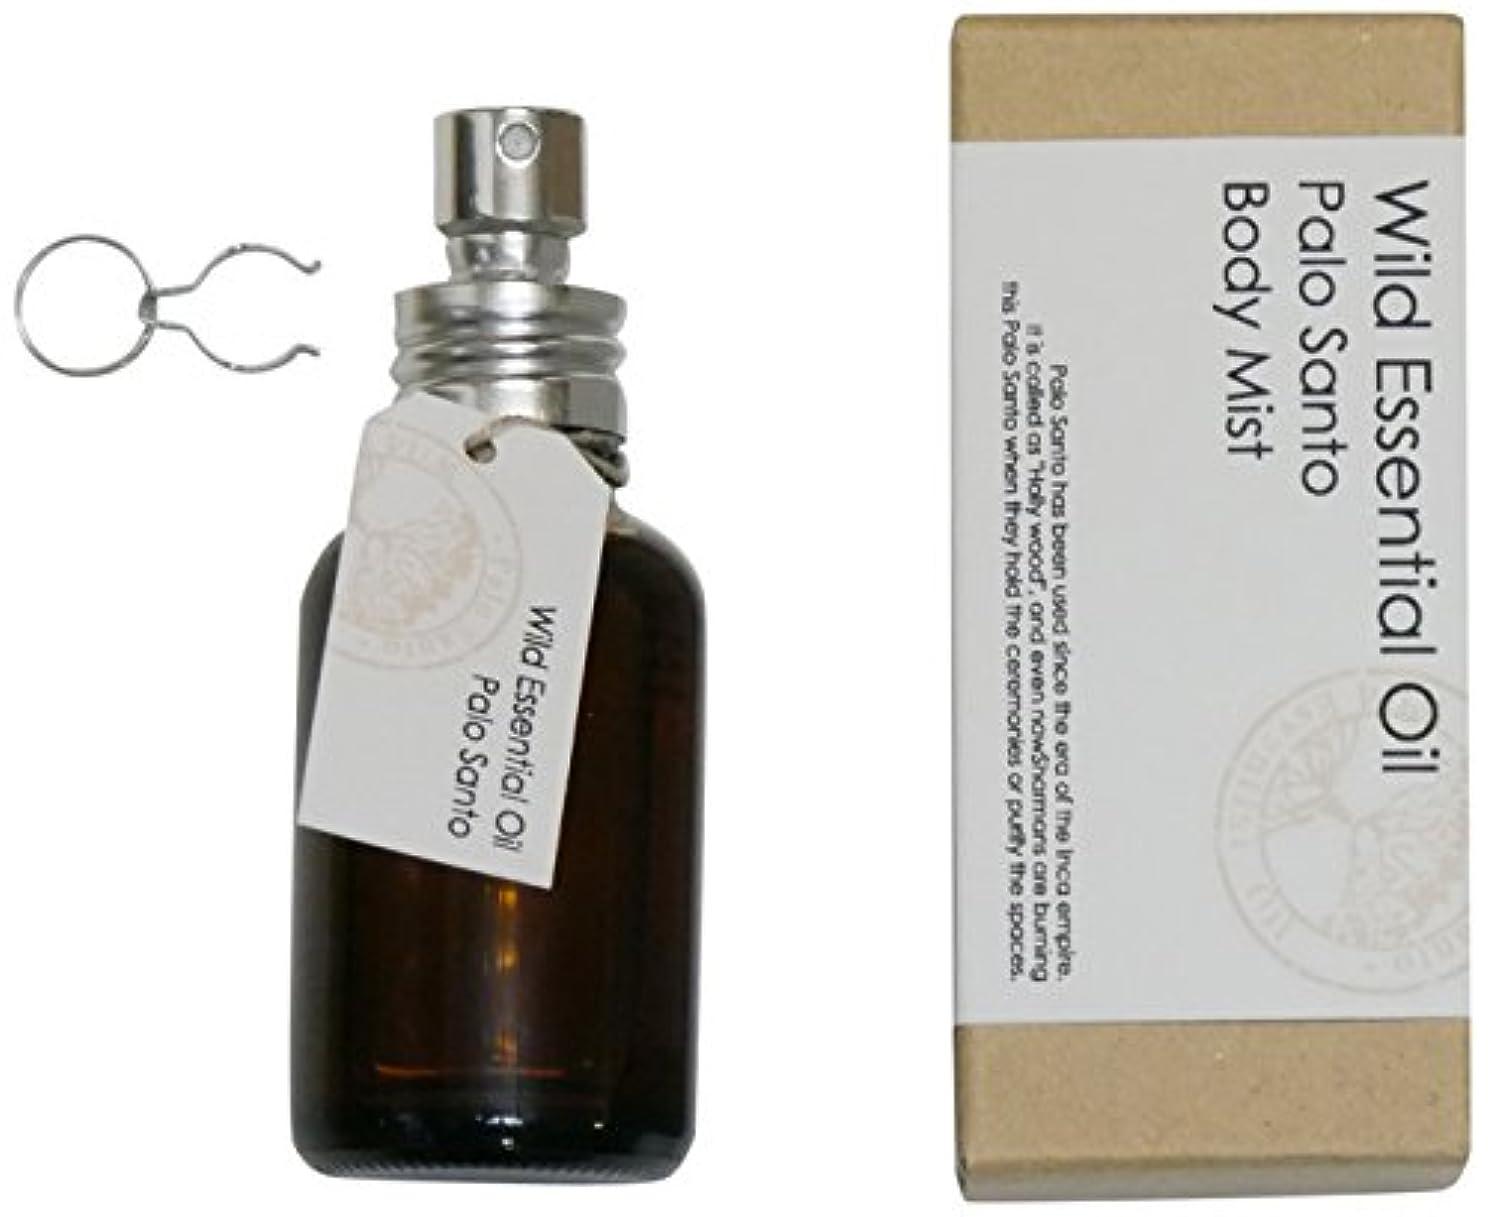 約ショット牛アロマレコルト ボディミスト パロサント 【Palo Santo】 ワイルド エッセンシャルオイル wild essential oil body mist arome recolte